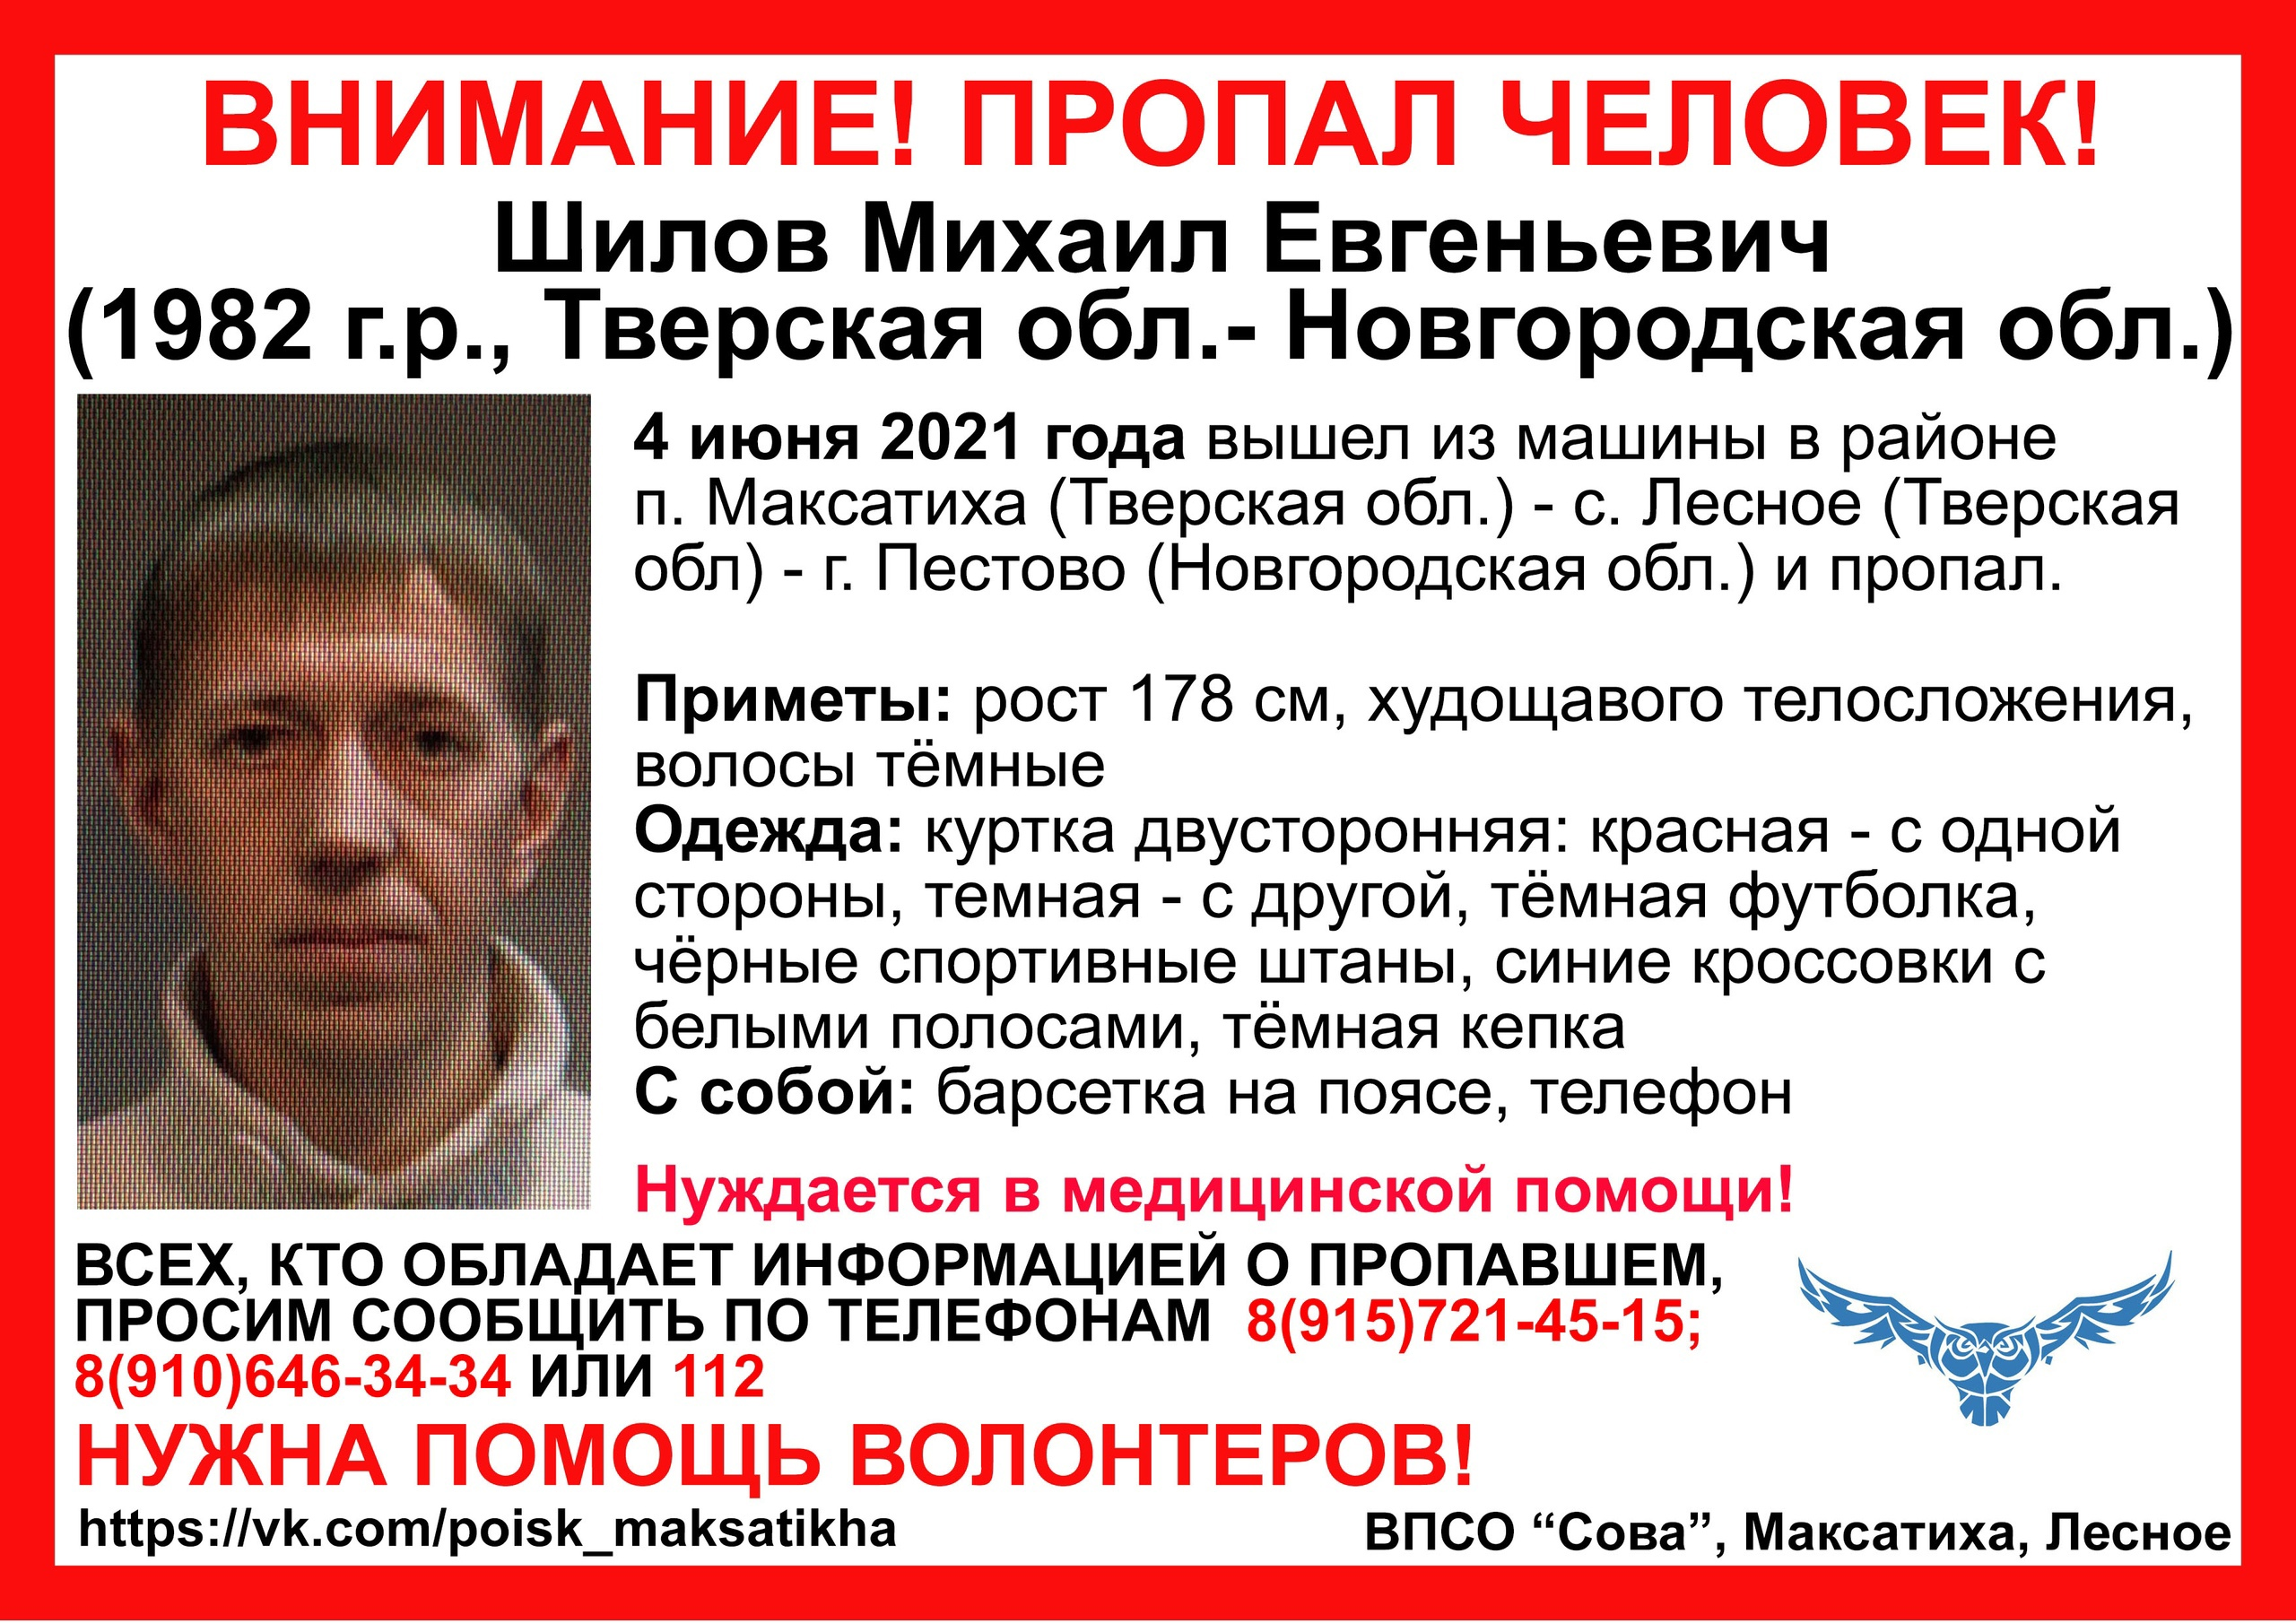 В Тверской области ищут мужчину, который вышел из машины и пропал